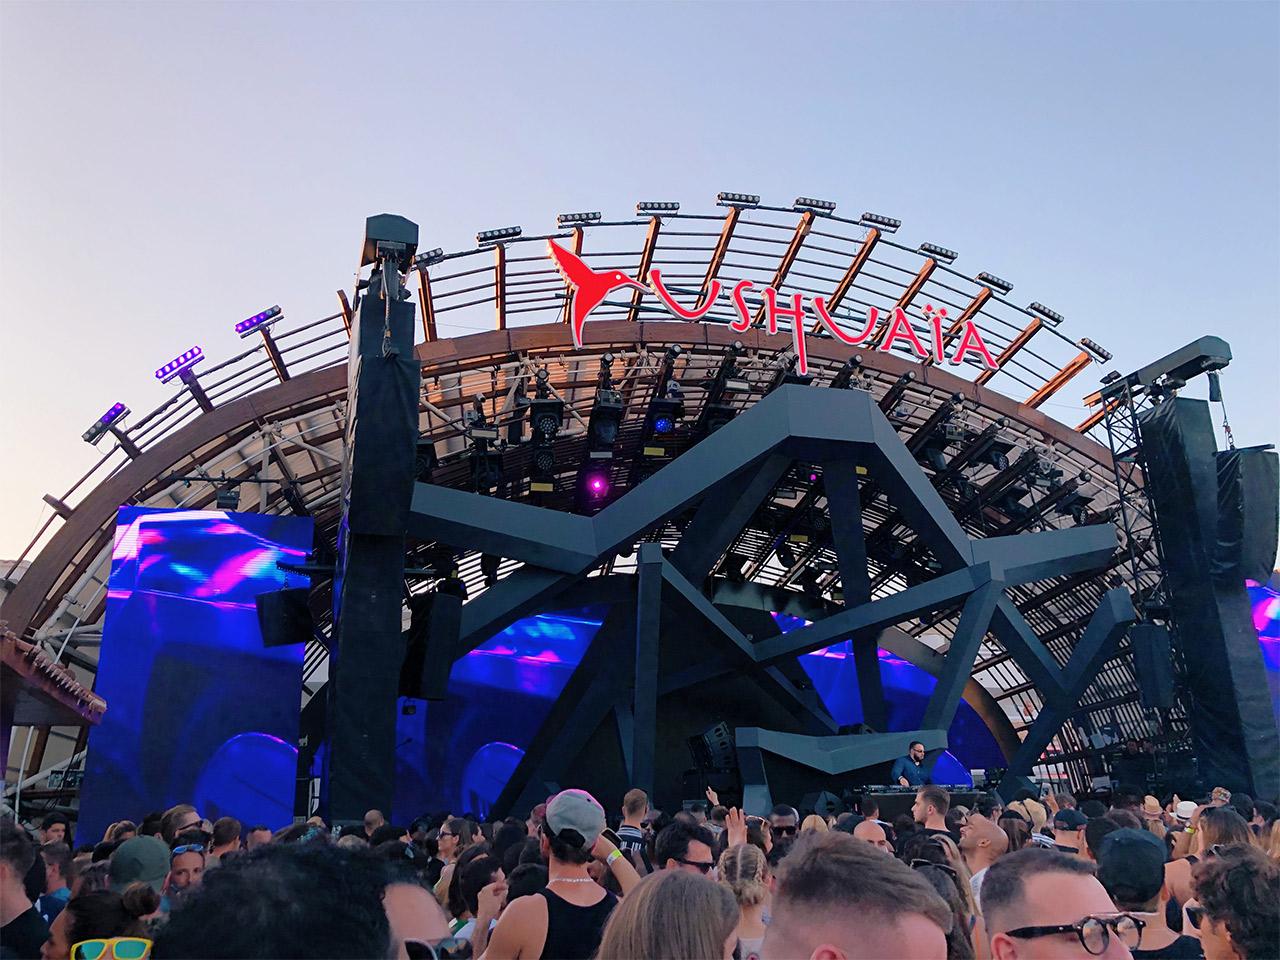 Ushaia-en-Ibiza-que-hacer-en-Ibiza-las-mejores-discotecas-de-Ibiza, un fin de semana en Ibiza